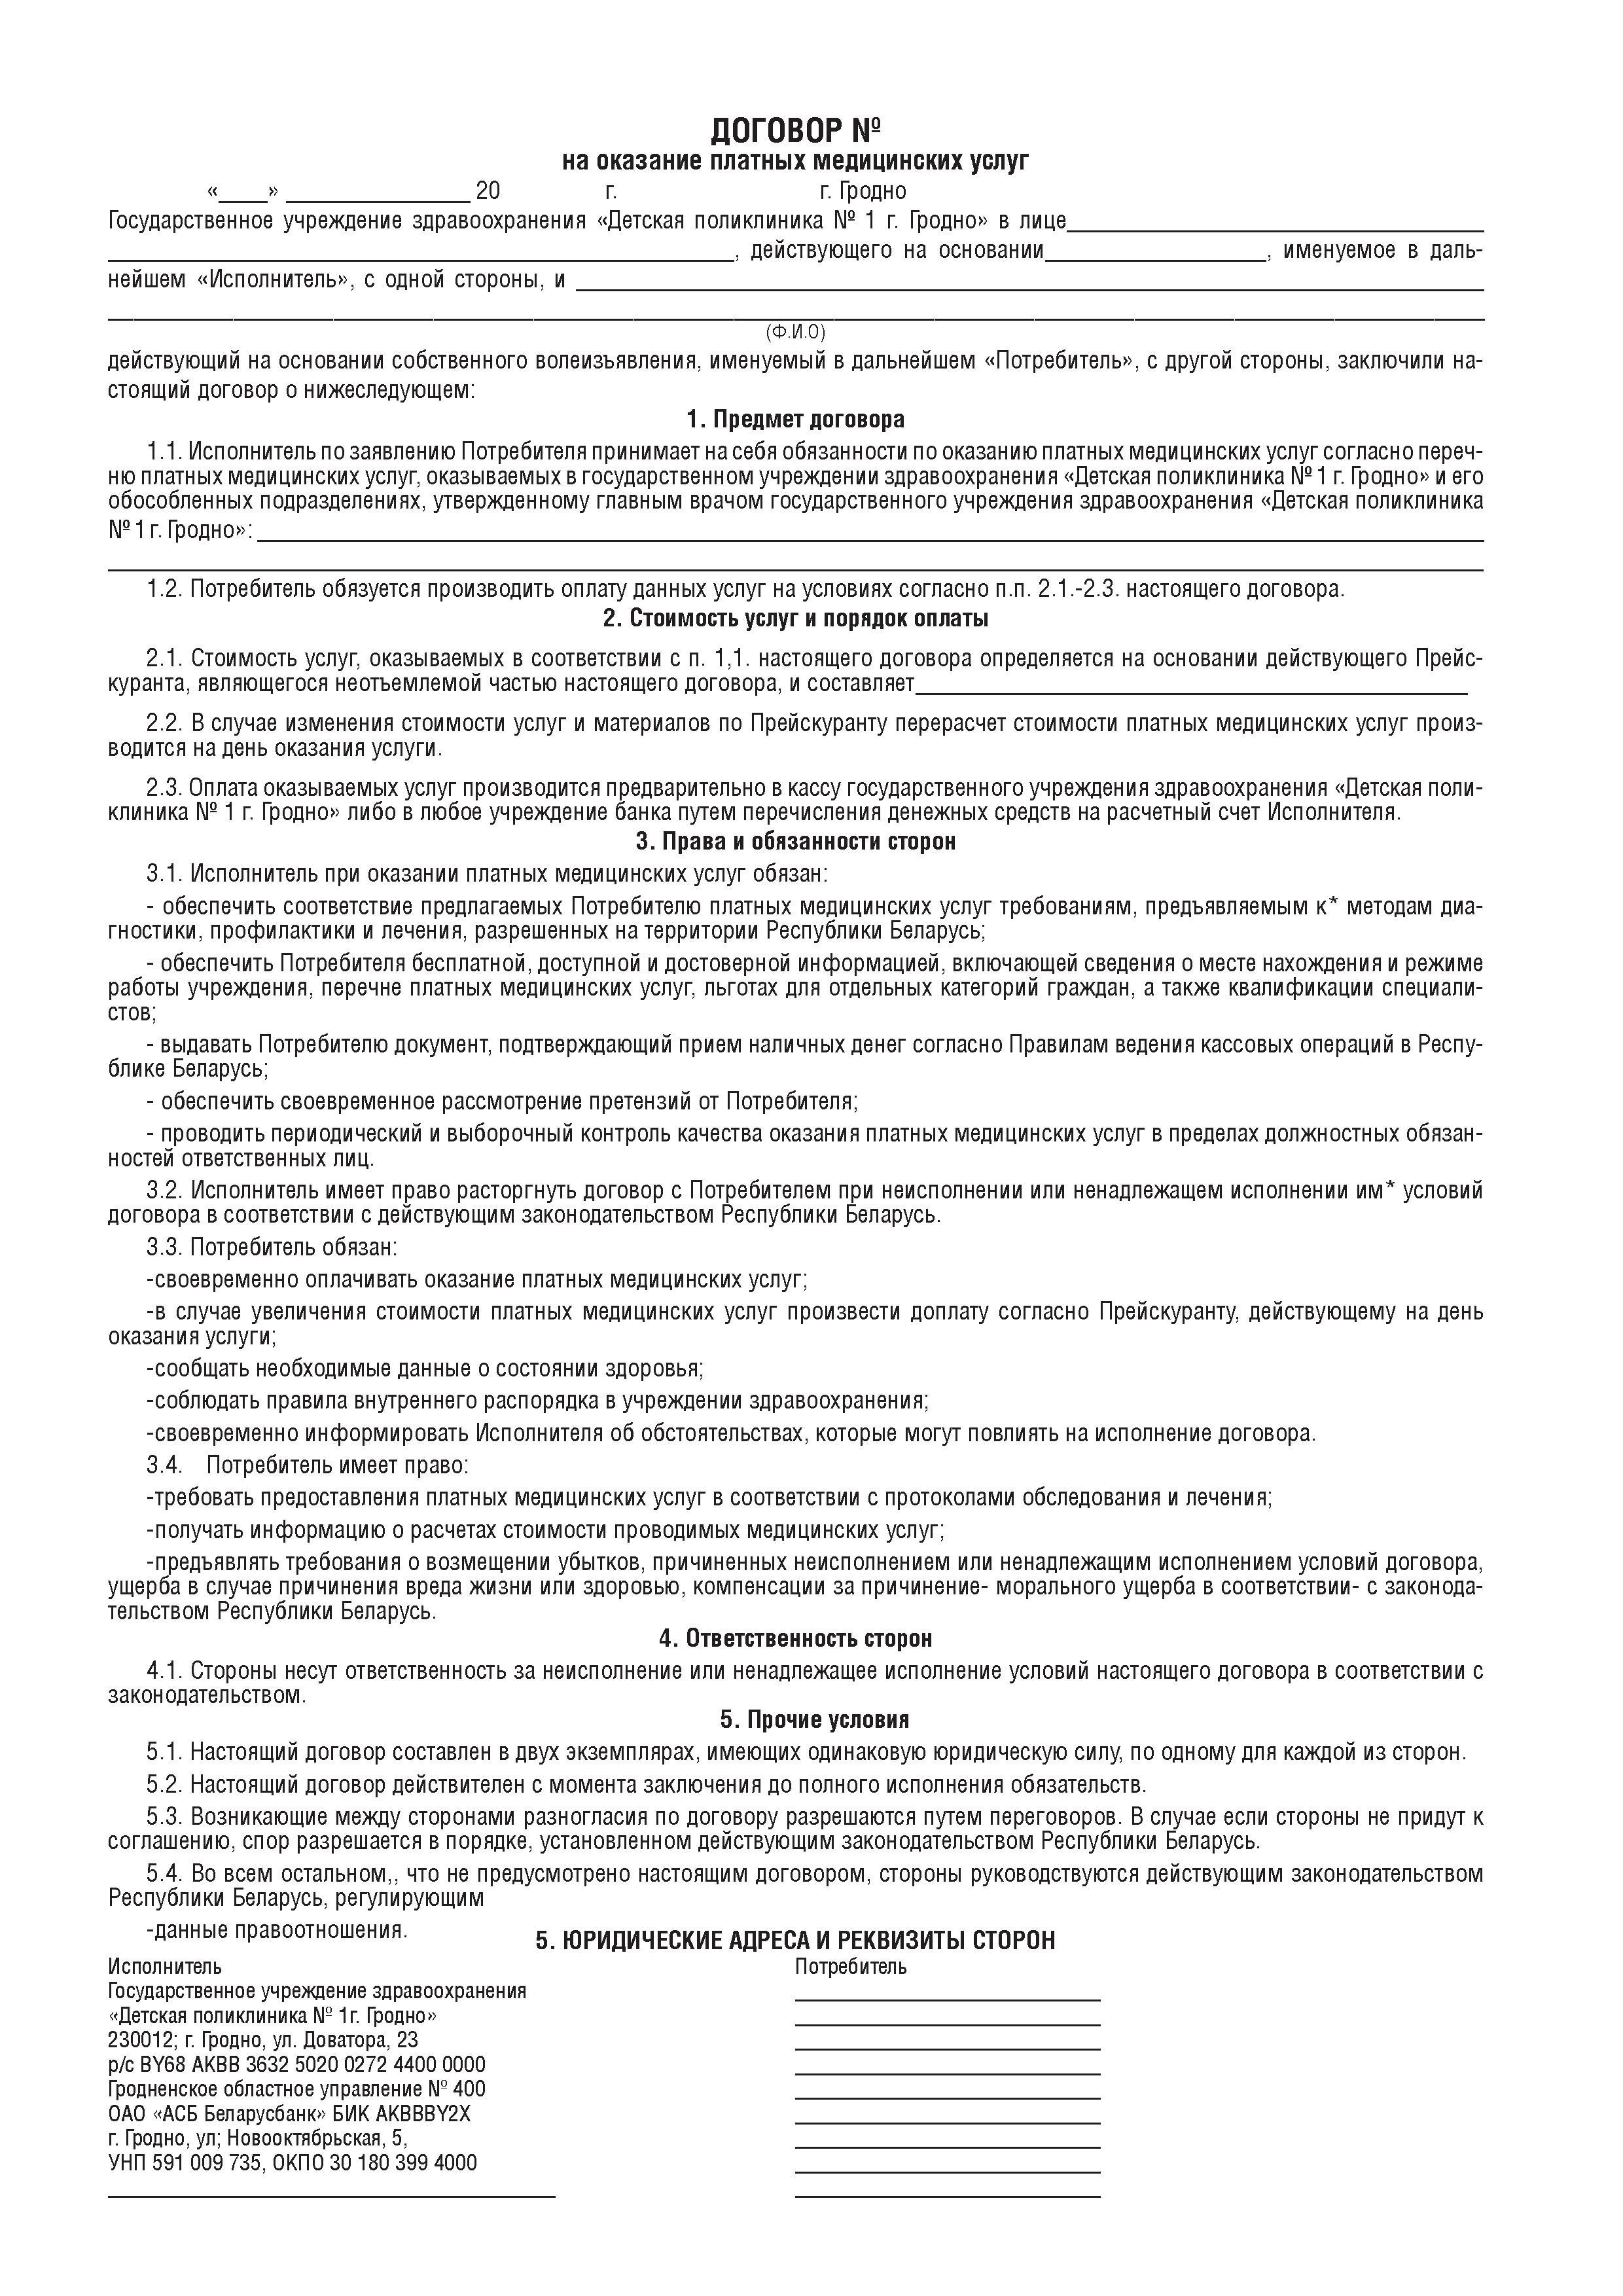 Договор на оказание платных медицинских услуг иностранному гражданину